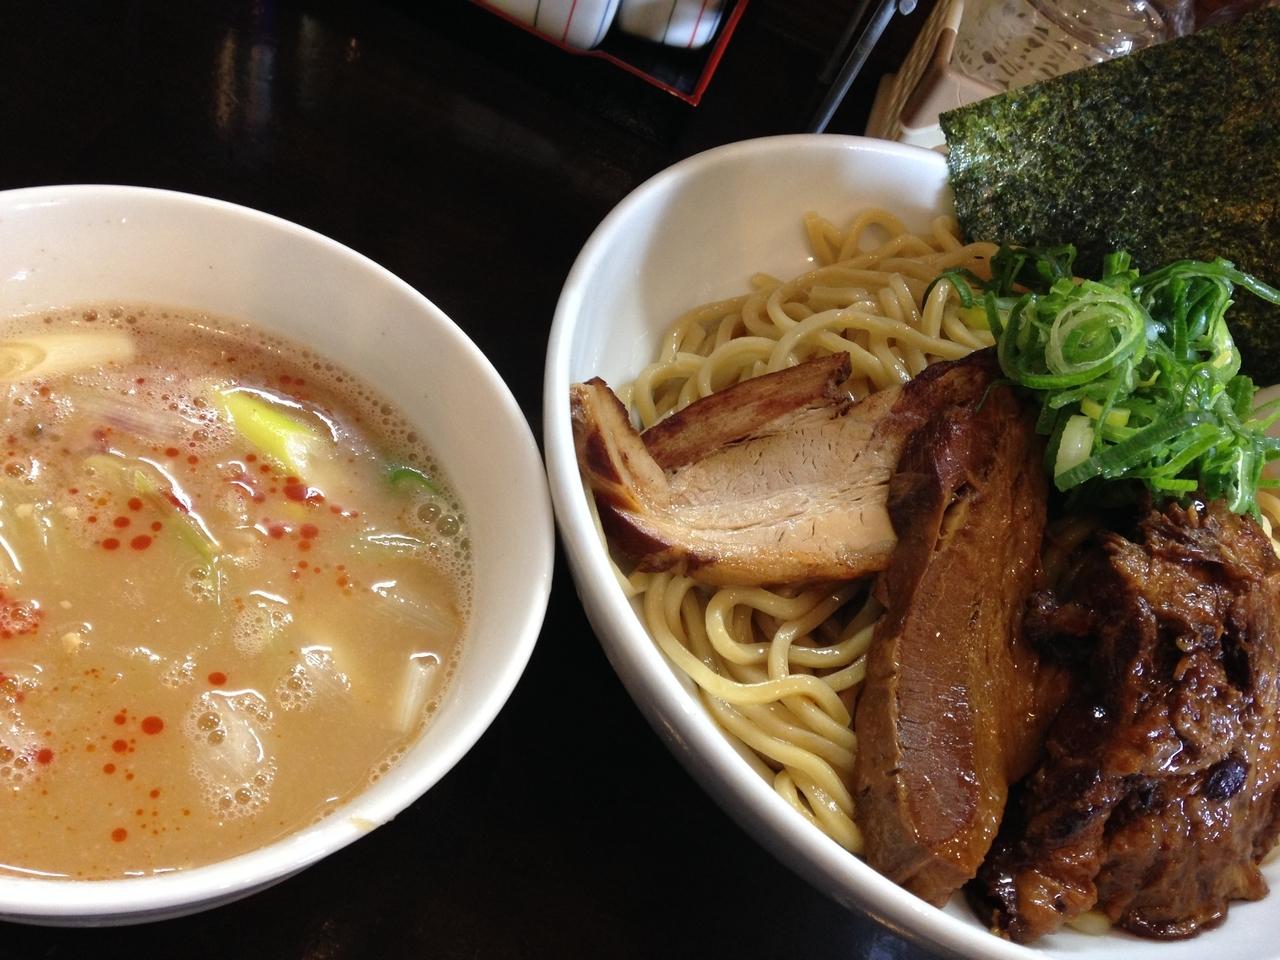 朝9時より営業の朝ラーメンからエリア随一の人気店まで!上田市内にあるオススメのお店5選